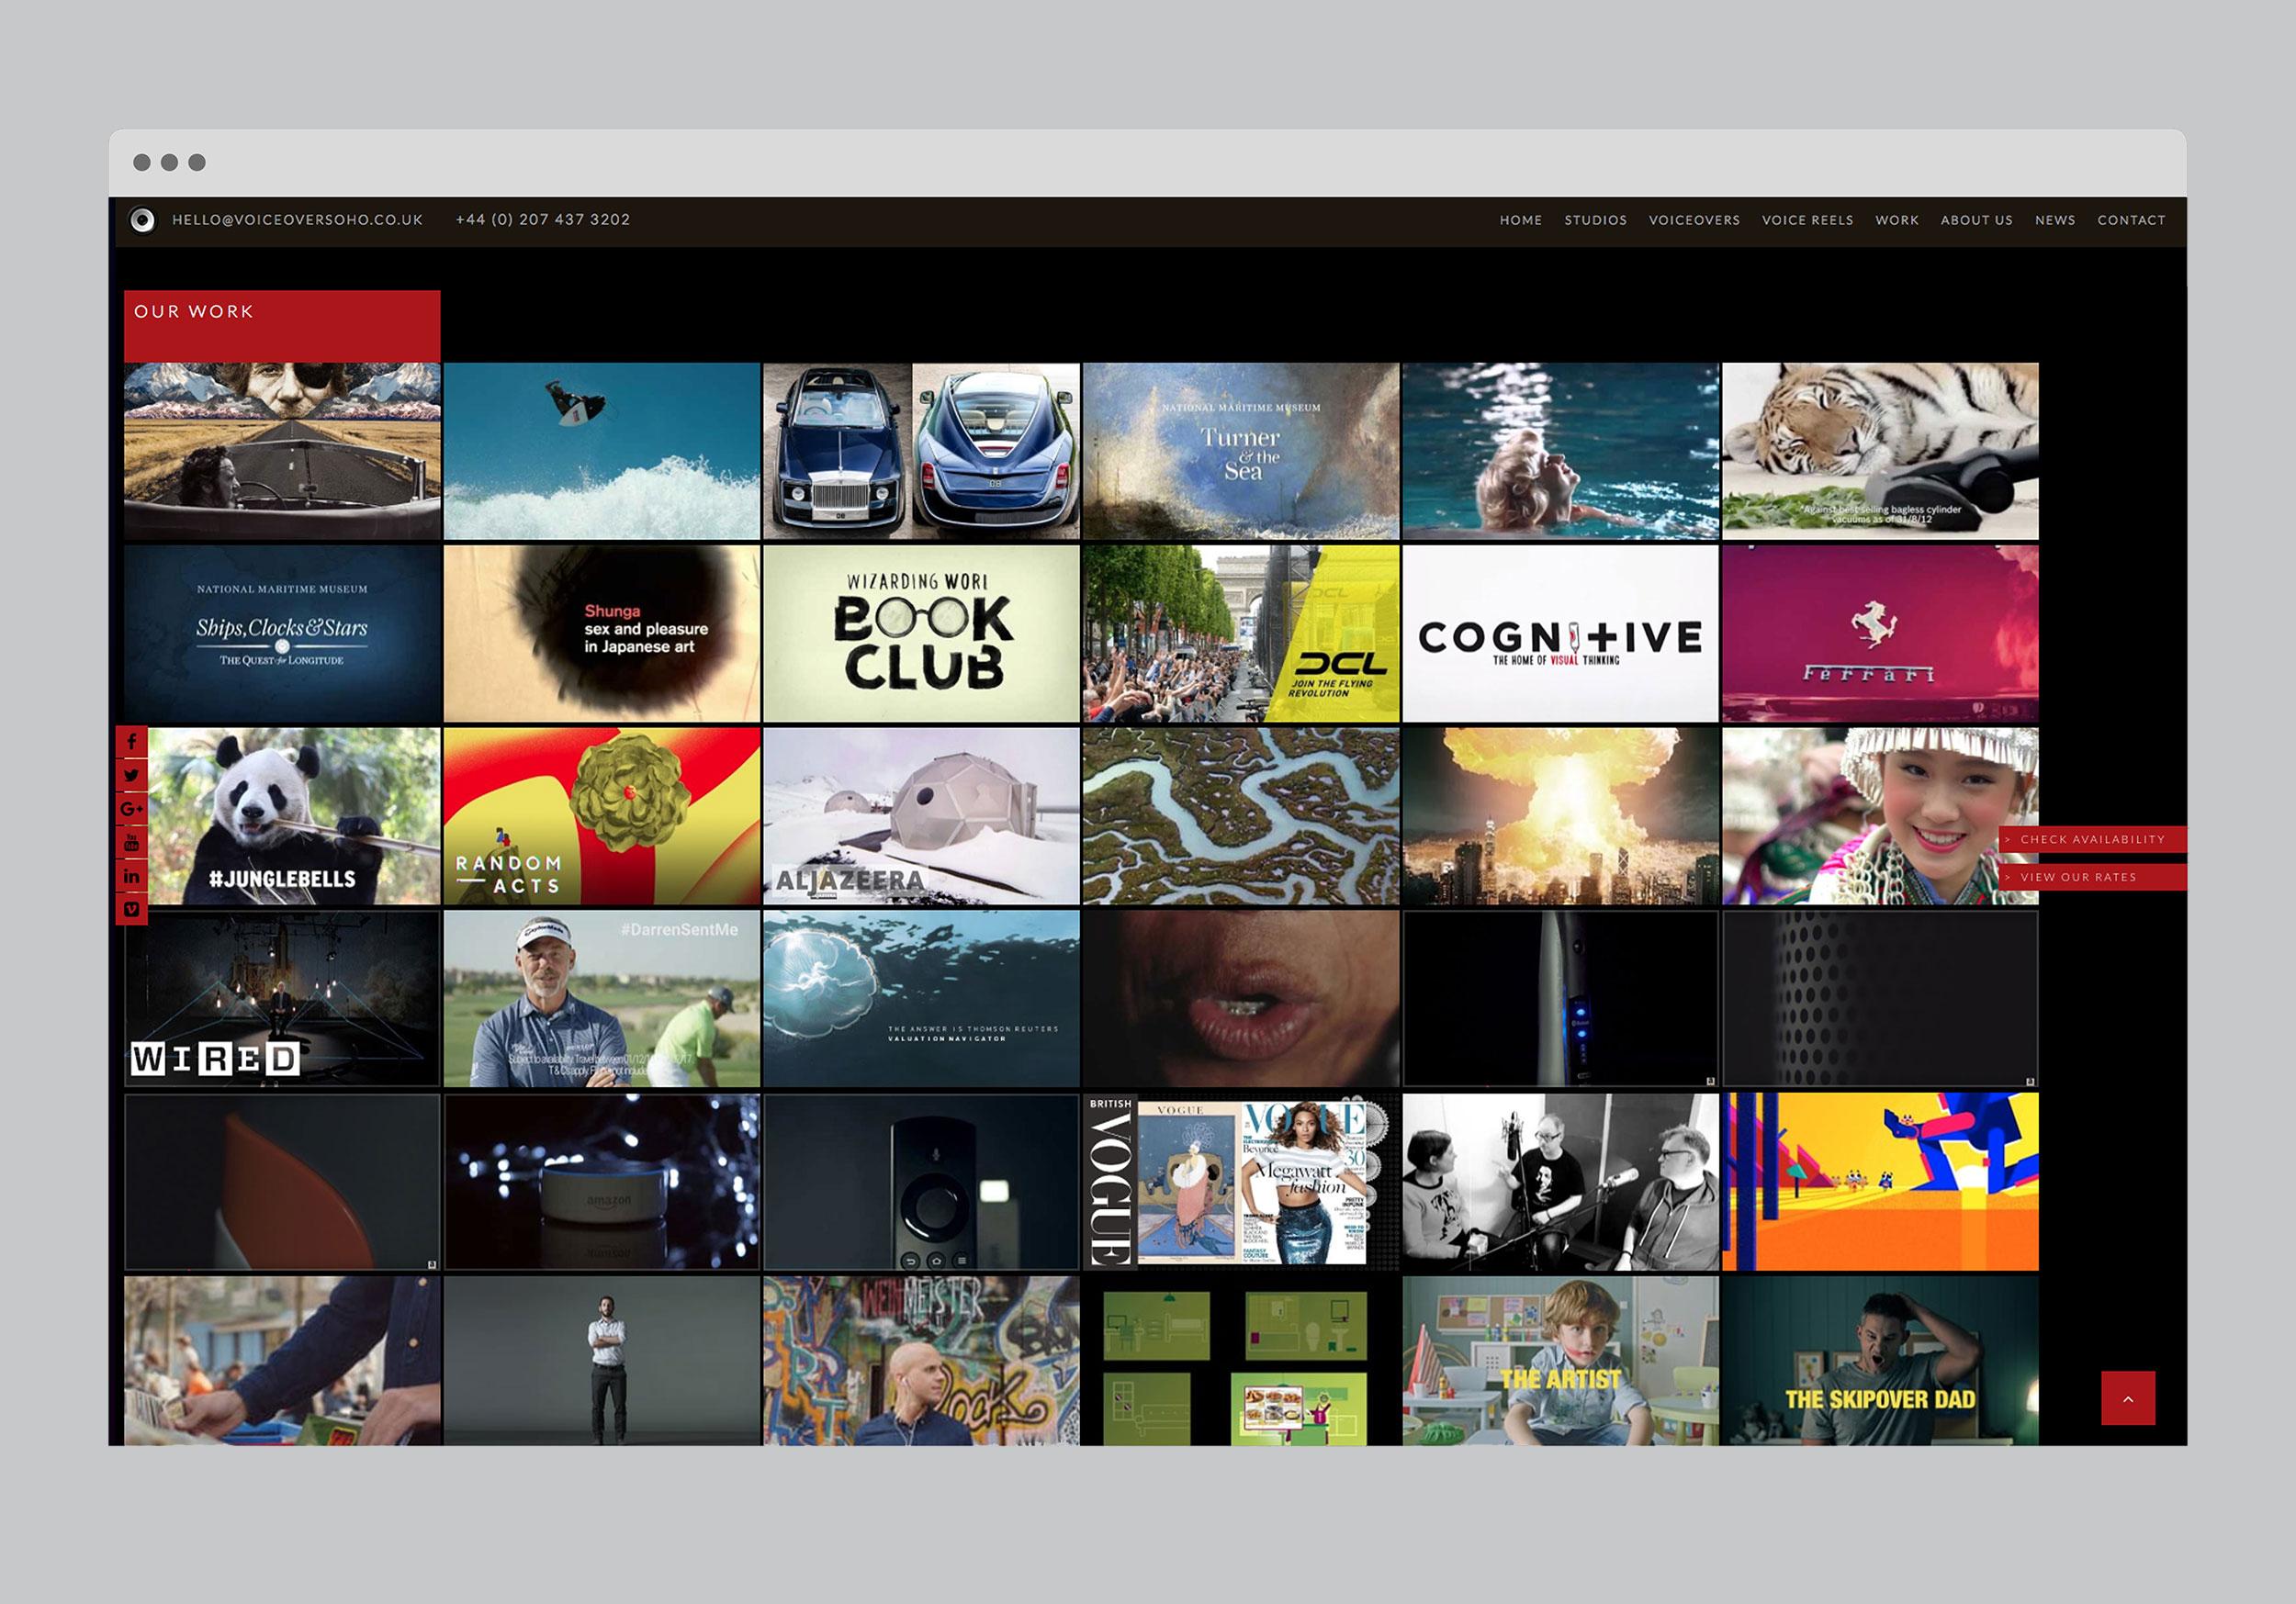 We are Noisy - Voiceover Soho - 09-Web02